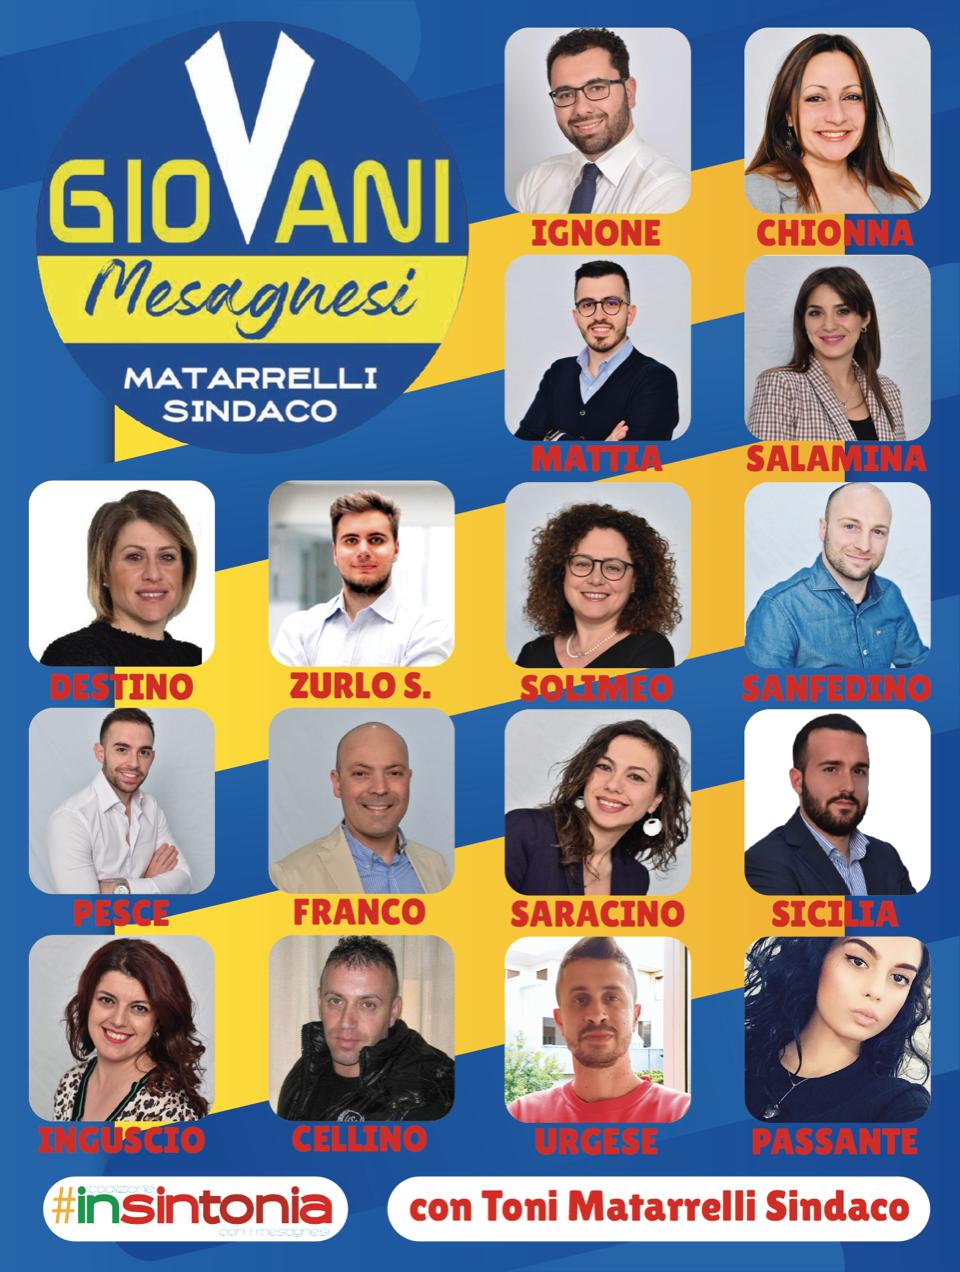 """Comunicato stampa - Lista """"GioVani Mesagnesi"""" per Toni ..."""